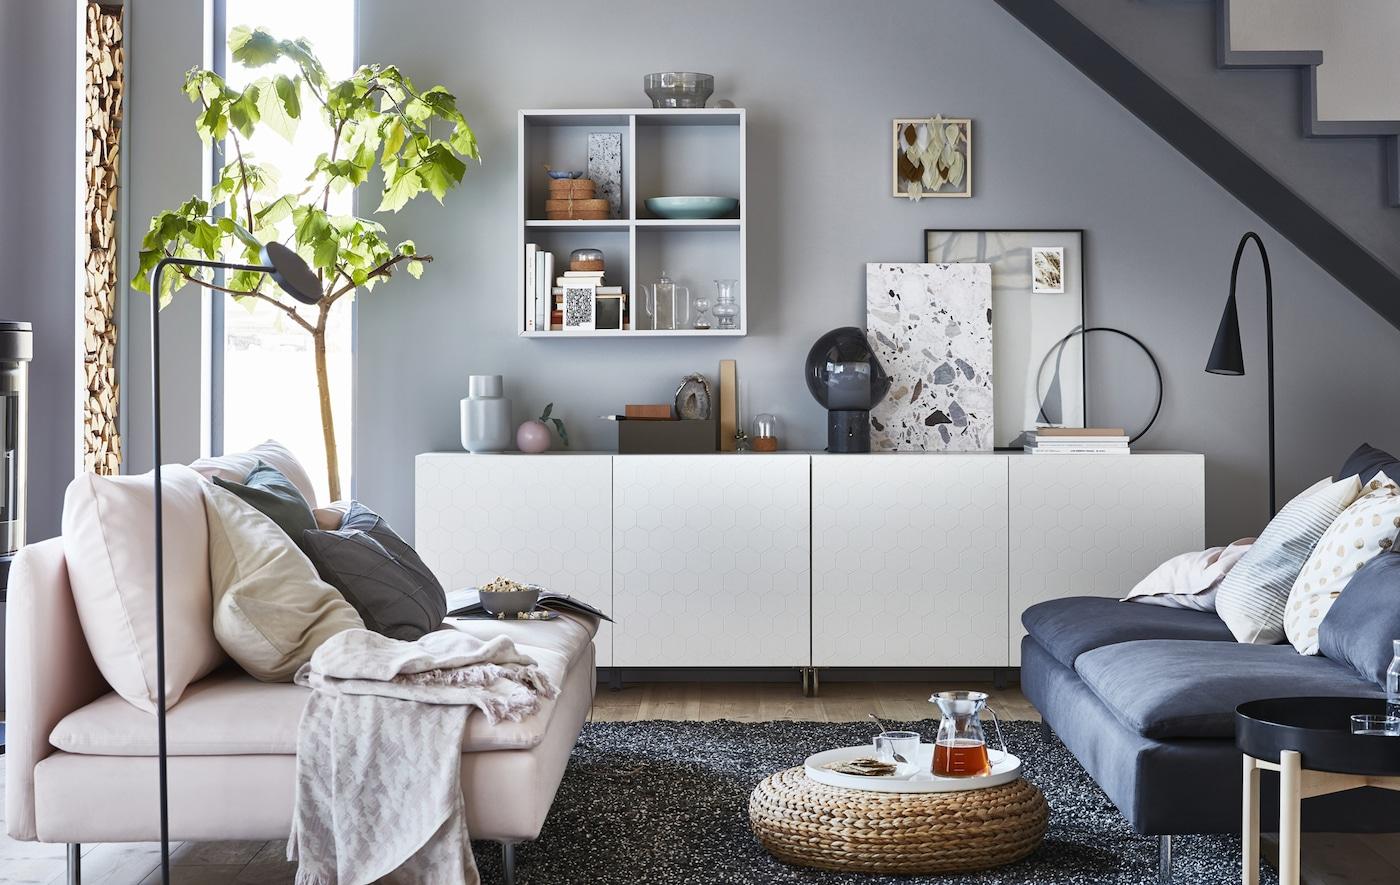 Tutto in ordine con stile grazie al sistema BESTÅ - IKEA ...